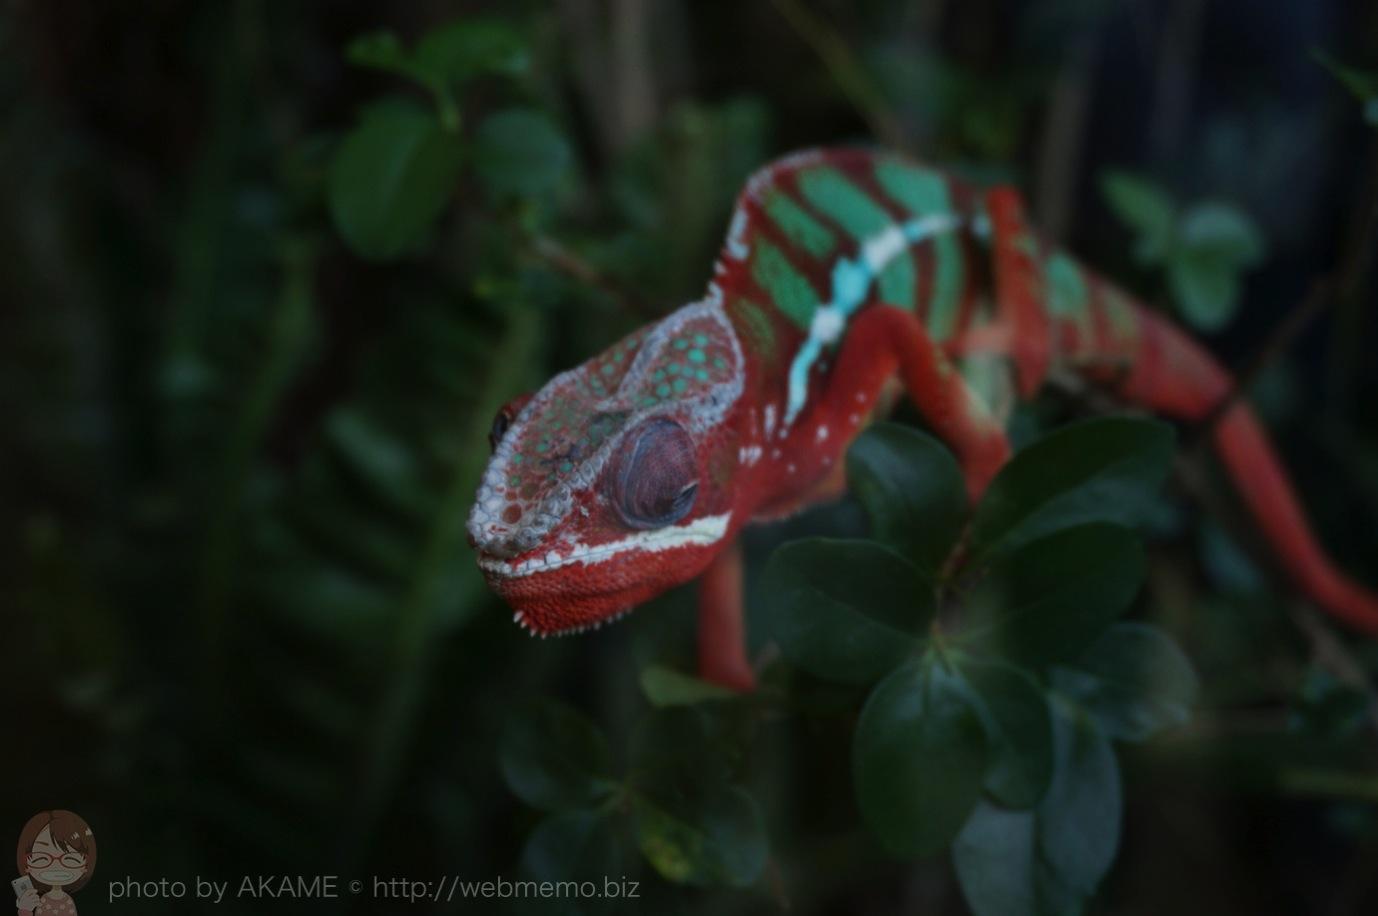 iZoo 展示 カラフルな爬虫類